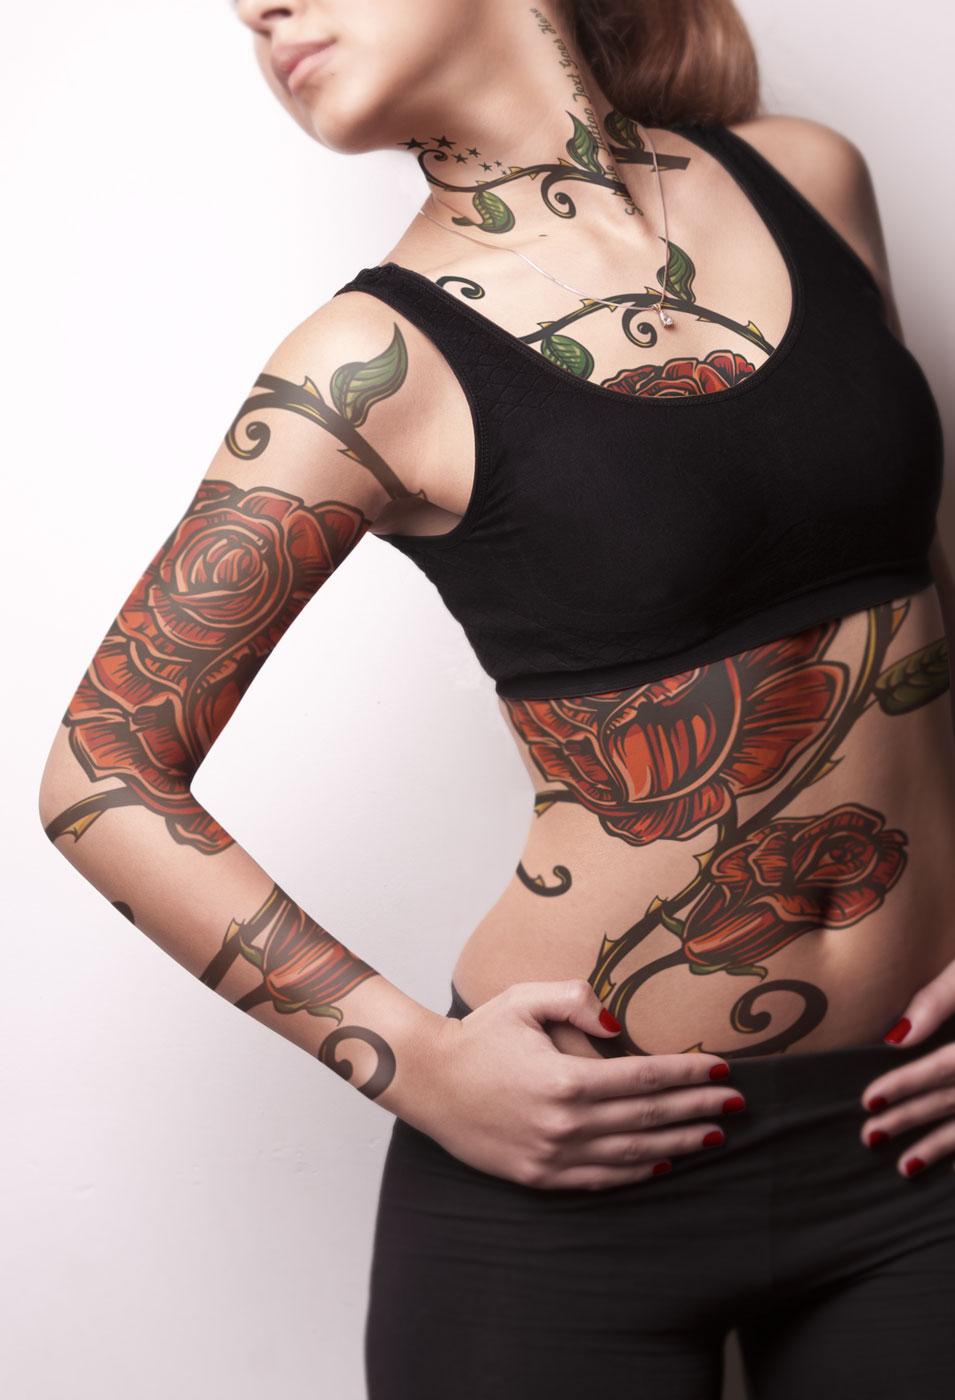 دانلود موکاپ تتو روی بدن زن مدل 1